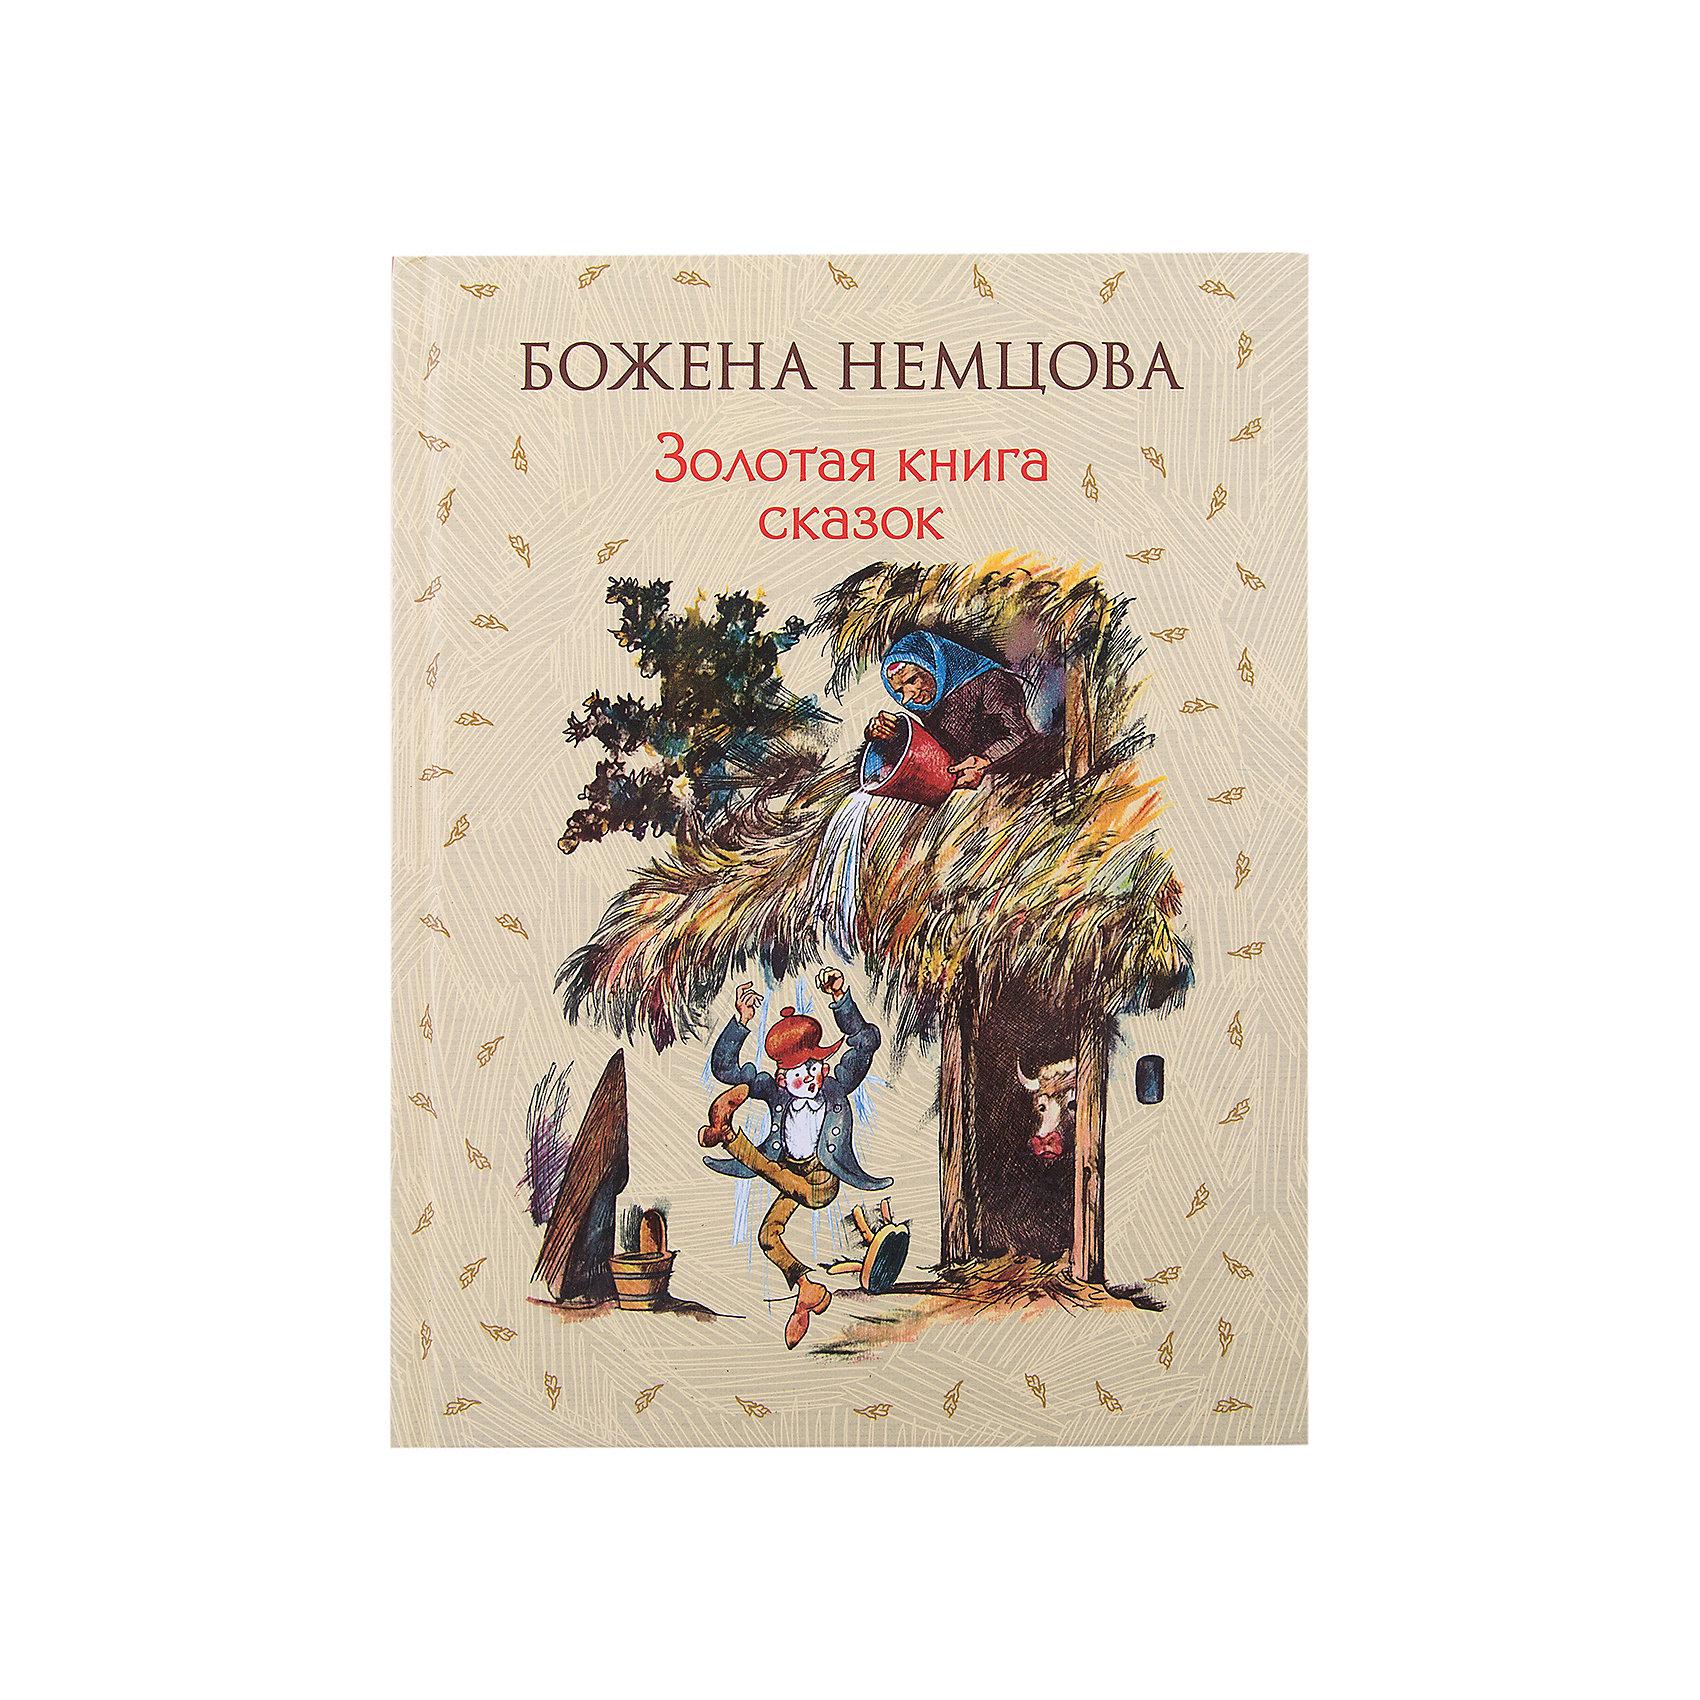 Золотая книга сказок, ил. Ш. Цпина, Б. НемцоваРусские сказки<br>В коллекцию золотых и серебряных сказок вошли лучшие волшебные истории, собранные выдающей писательницей XIX века Боженой Немцовой. Они перенесут вас в чудесный мир, где обитают драконы и великаны, ведьмы и невиданные существа, где прекрасная принцесса томится в заколдованном замке, а сын бедняка может стать королём. Об авторе Божена Немцова - признанный классик европейской литературы. По сей день она остается одним из самых популярных авторов в Чехии, а фольклорные сказки в её обработке знакомы многим с детства. Все сказки даны в классическом переводе Веры Петровой и с иллюстрациями известного словацкого художника XX века Штефана Цпина, обладателя многих международных премий, в том числе за оформление сказок Божены Немцовой.<br><br>Ширина мм: 219<br>Глубина мм: 165<br>Высота мм: 200<br>Вес г: 628<br>Возраст от месяцев: 60<br>Возраст до месяцев: 2147483647<br>Пол: Унисекс<br>Возраст: Детский<br>SKU: 5535309